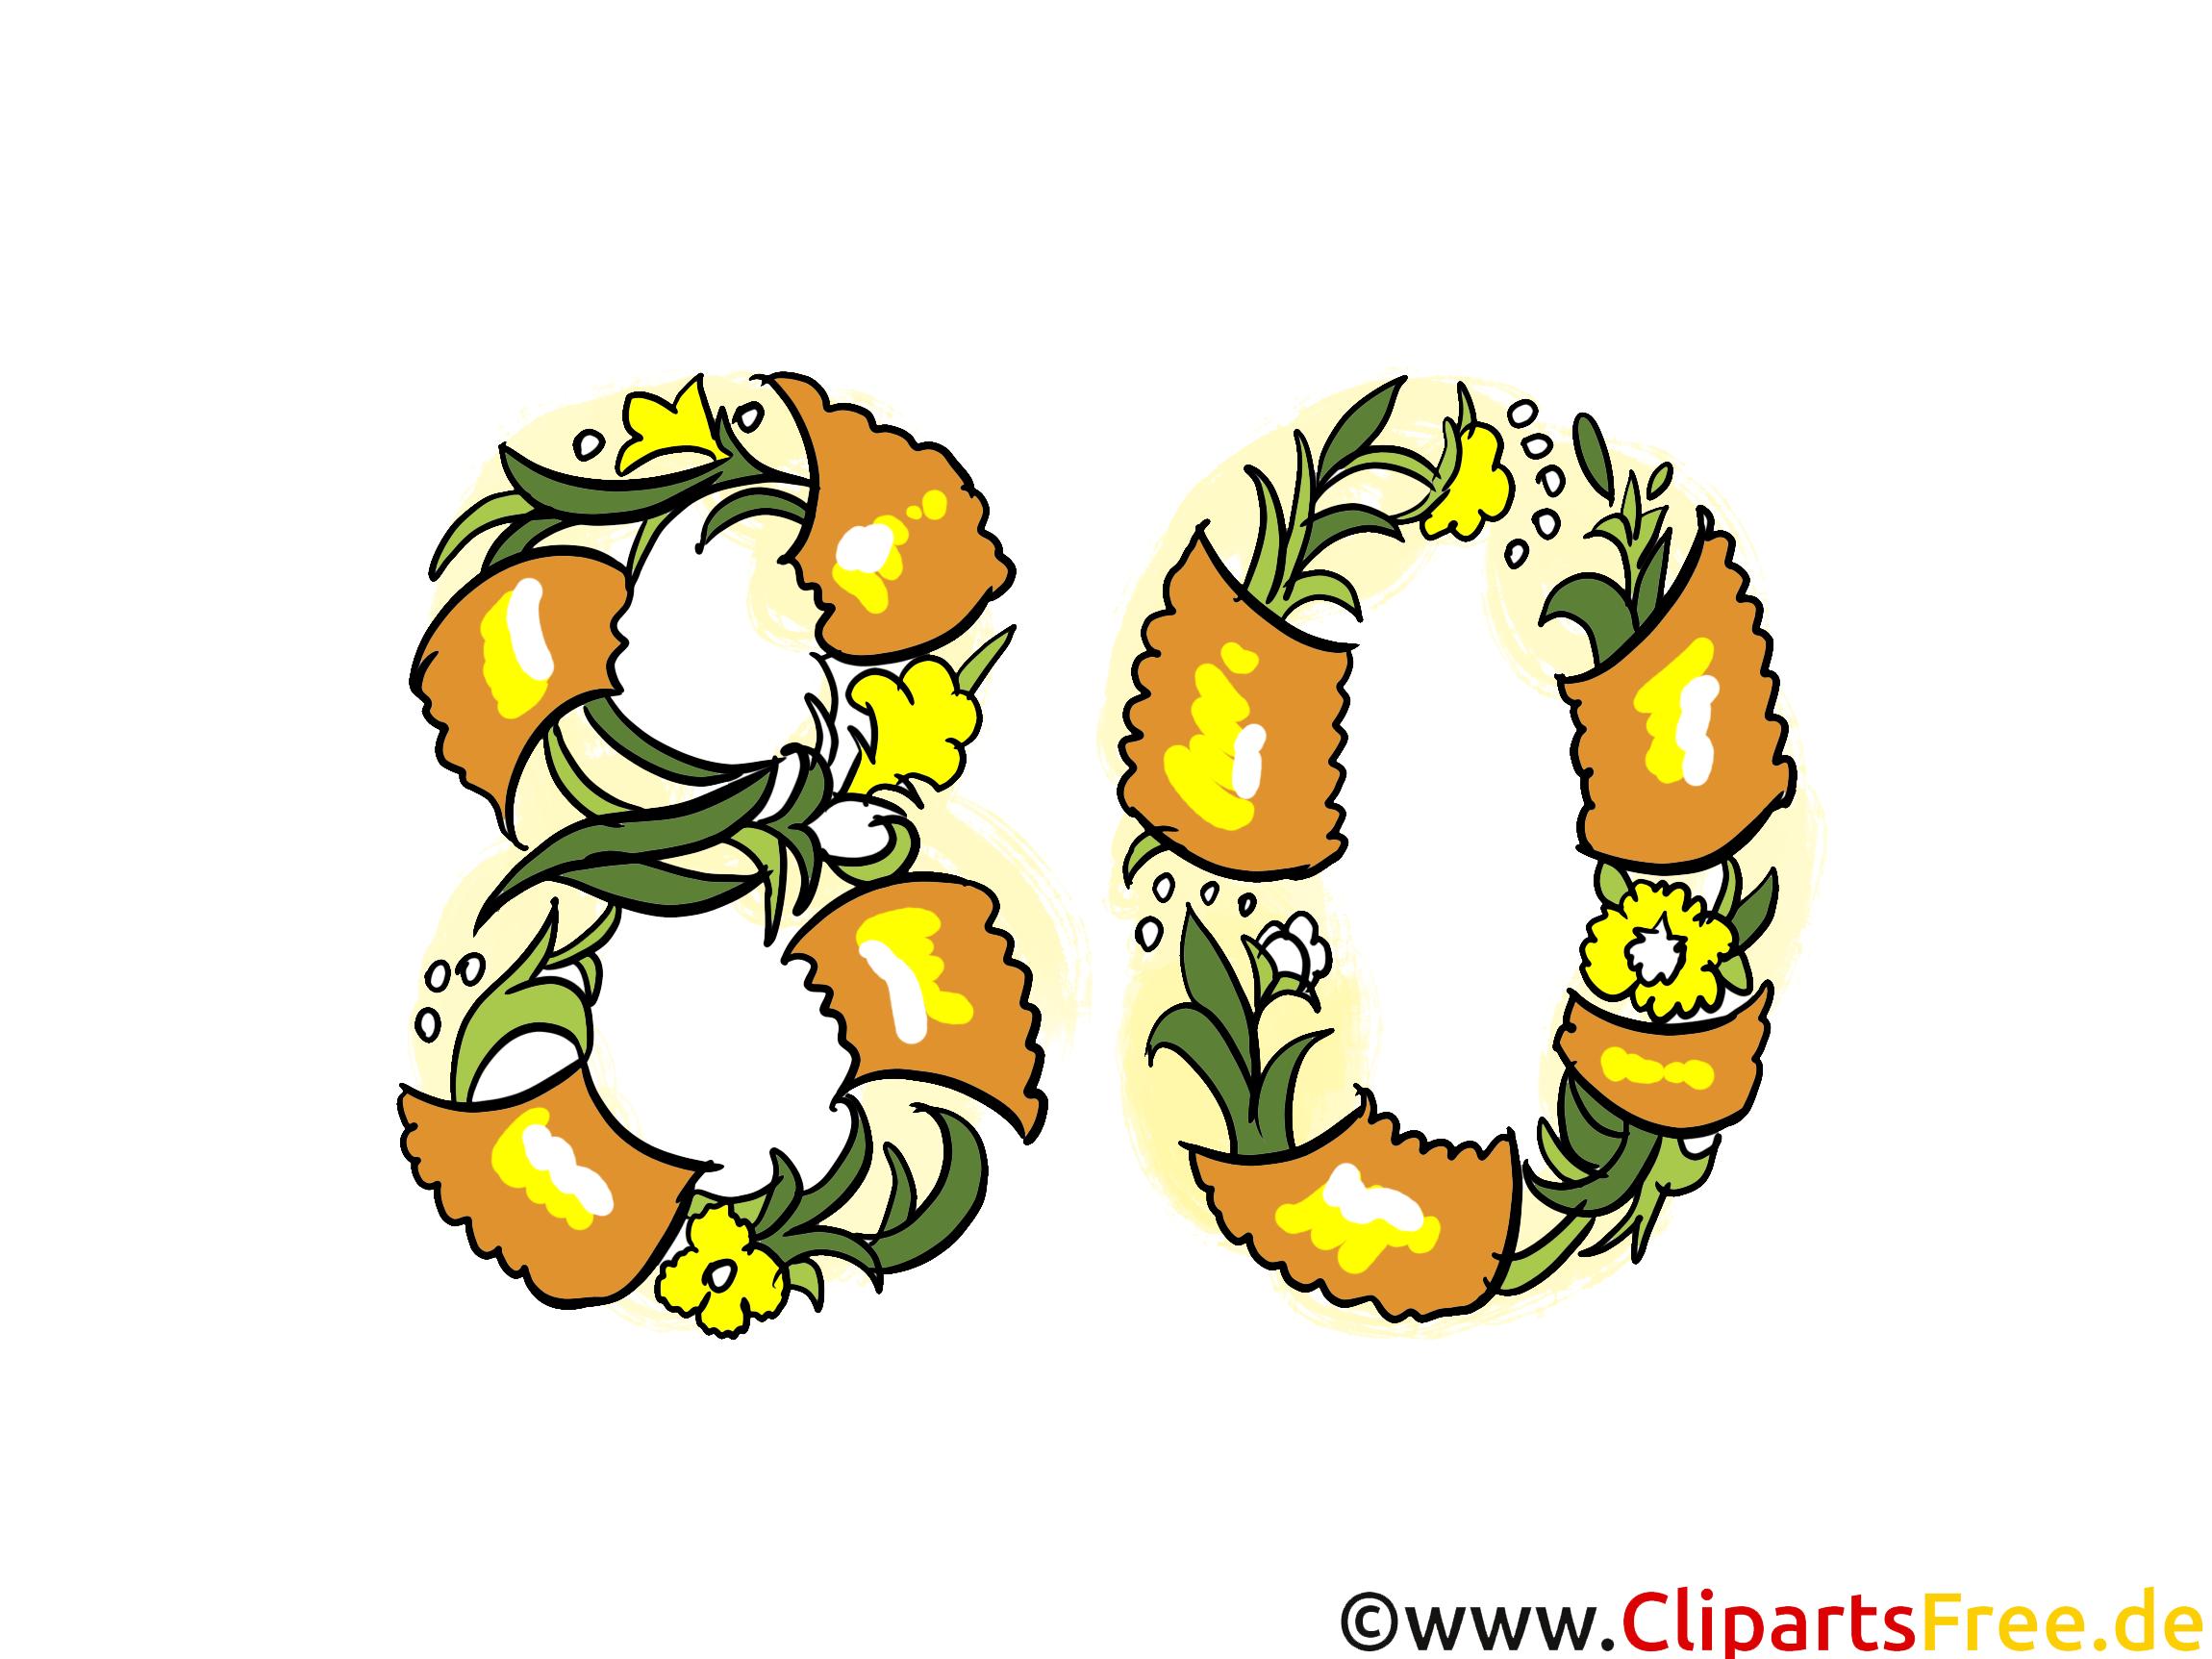 80 ans image gratuite anniversaire cliparts - Carte anniversaire 80 ans gratuite a imprimer ...